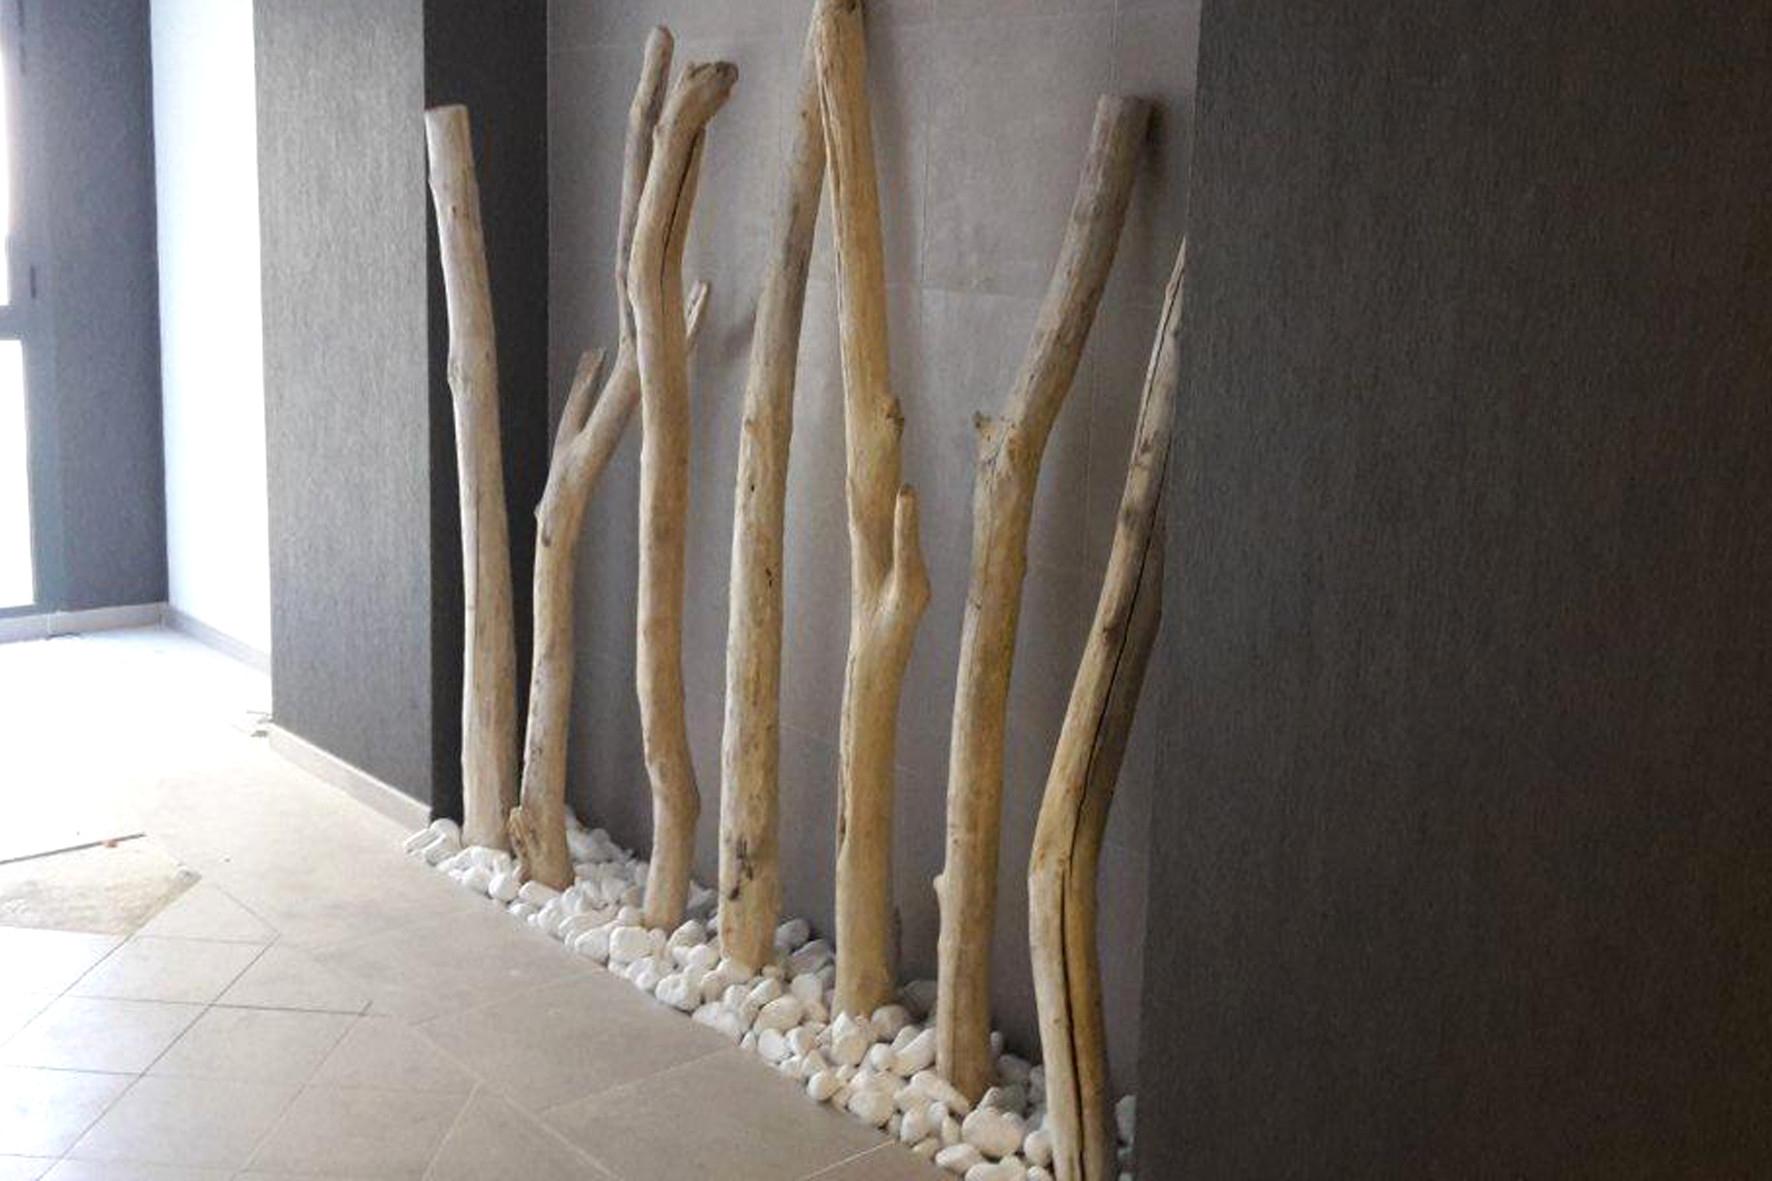 Canapé Bois Flotté Unique Image Incroyable De Table Basse Bois Flotté Concept Idées De Table